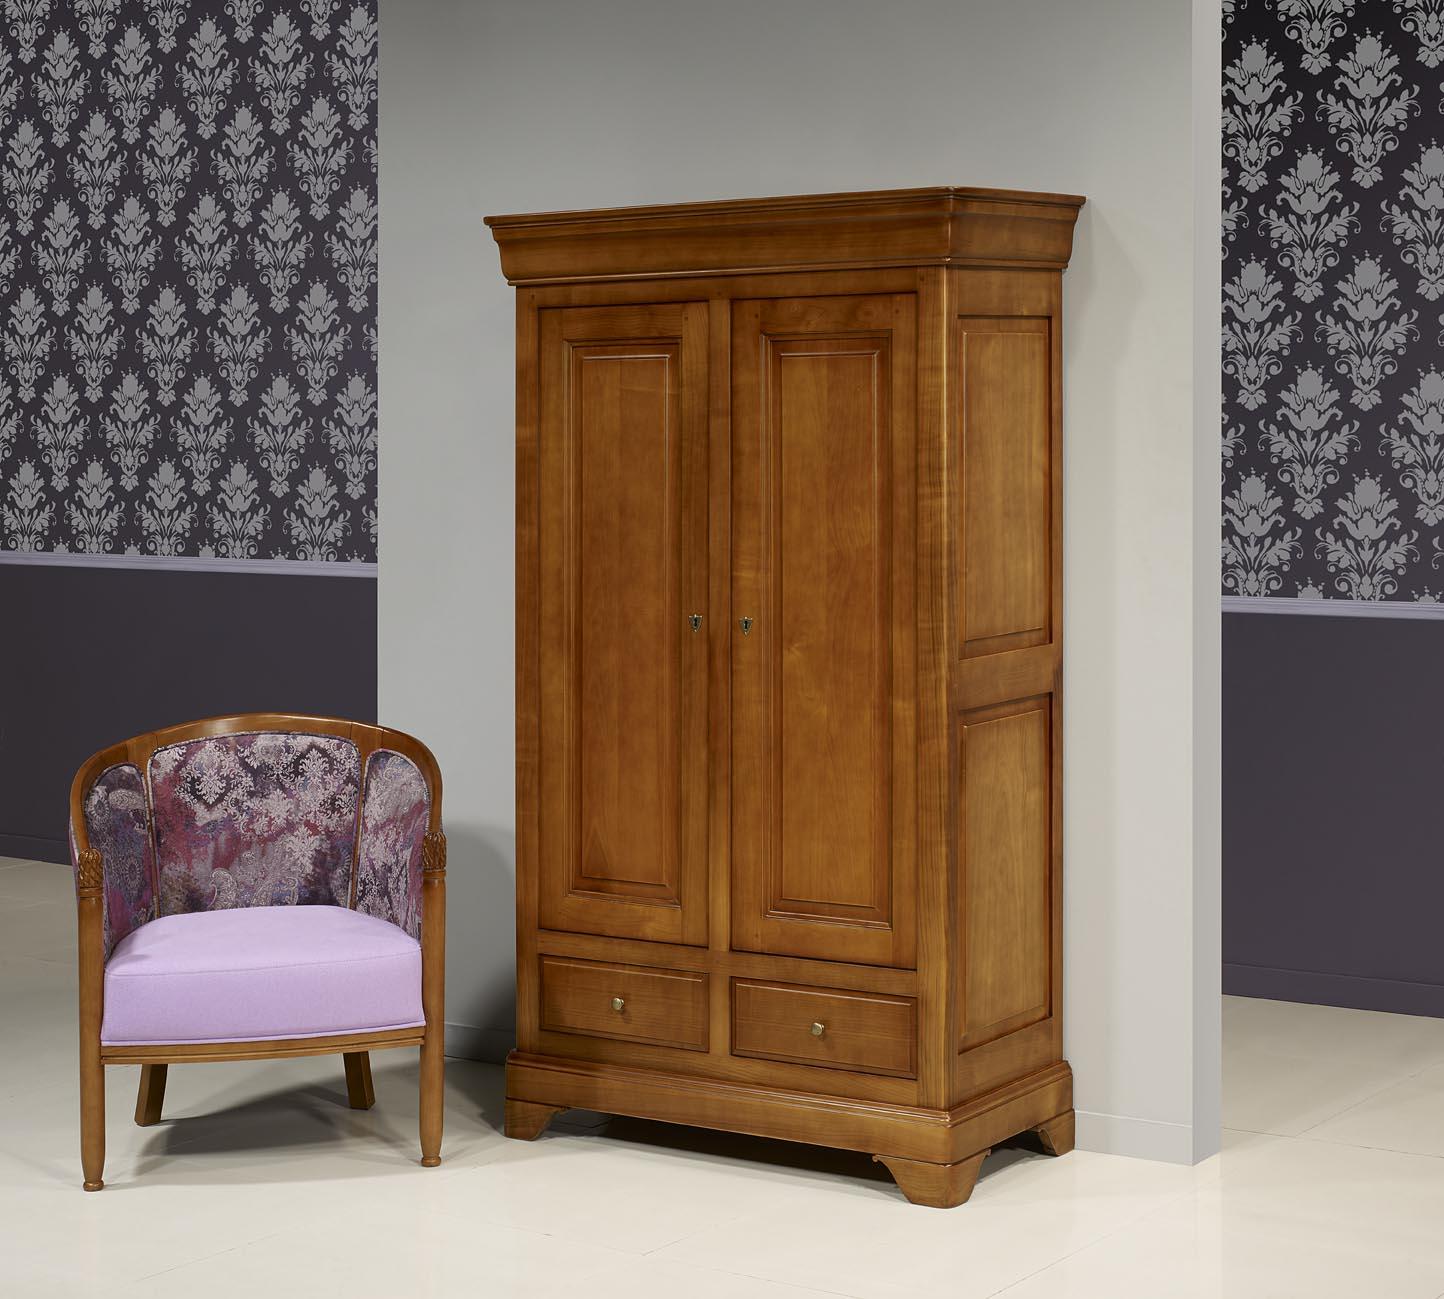 petite amoire en merisier massif de style louis philippe. Black Bedroom Furniture Sets. Home Design Ideas